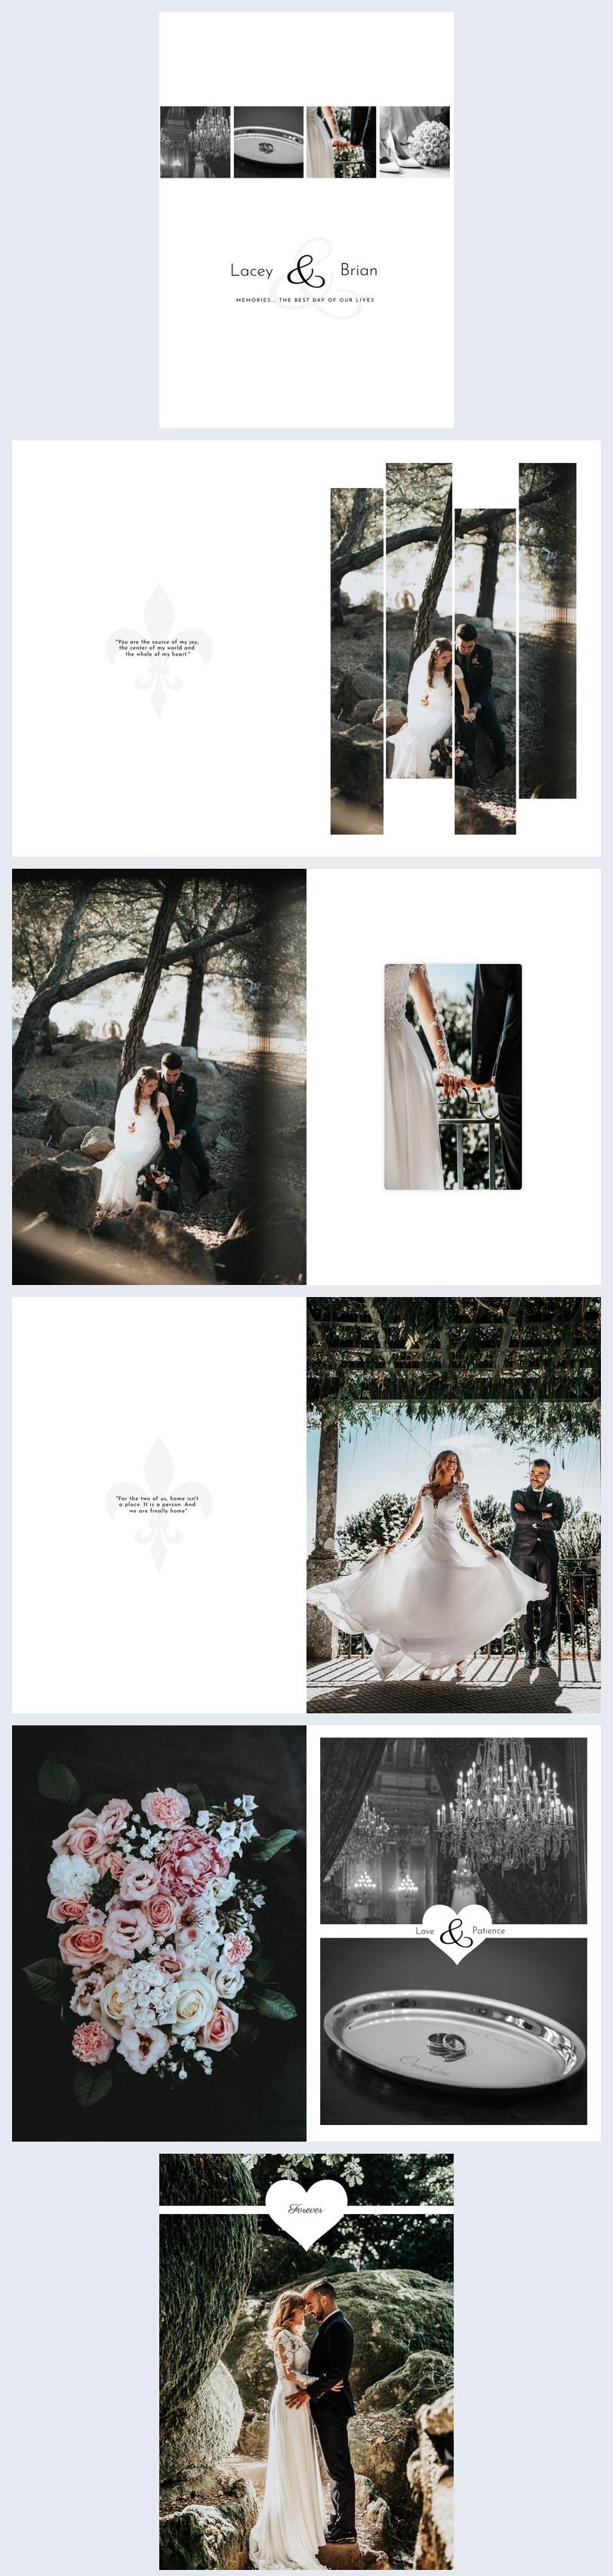 Moderne Hochzeitsfotoalben-Vorlagen